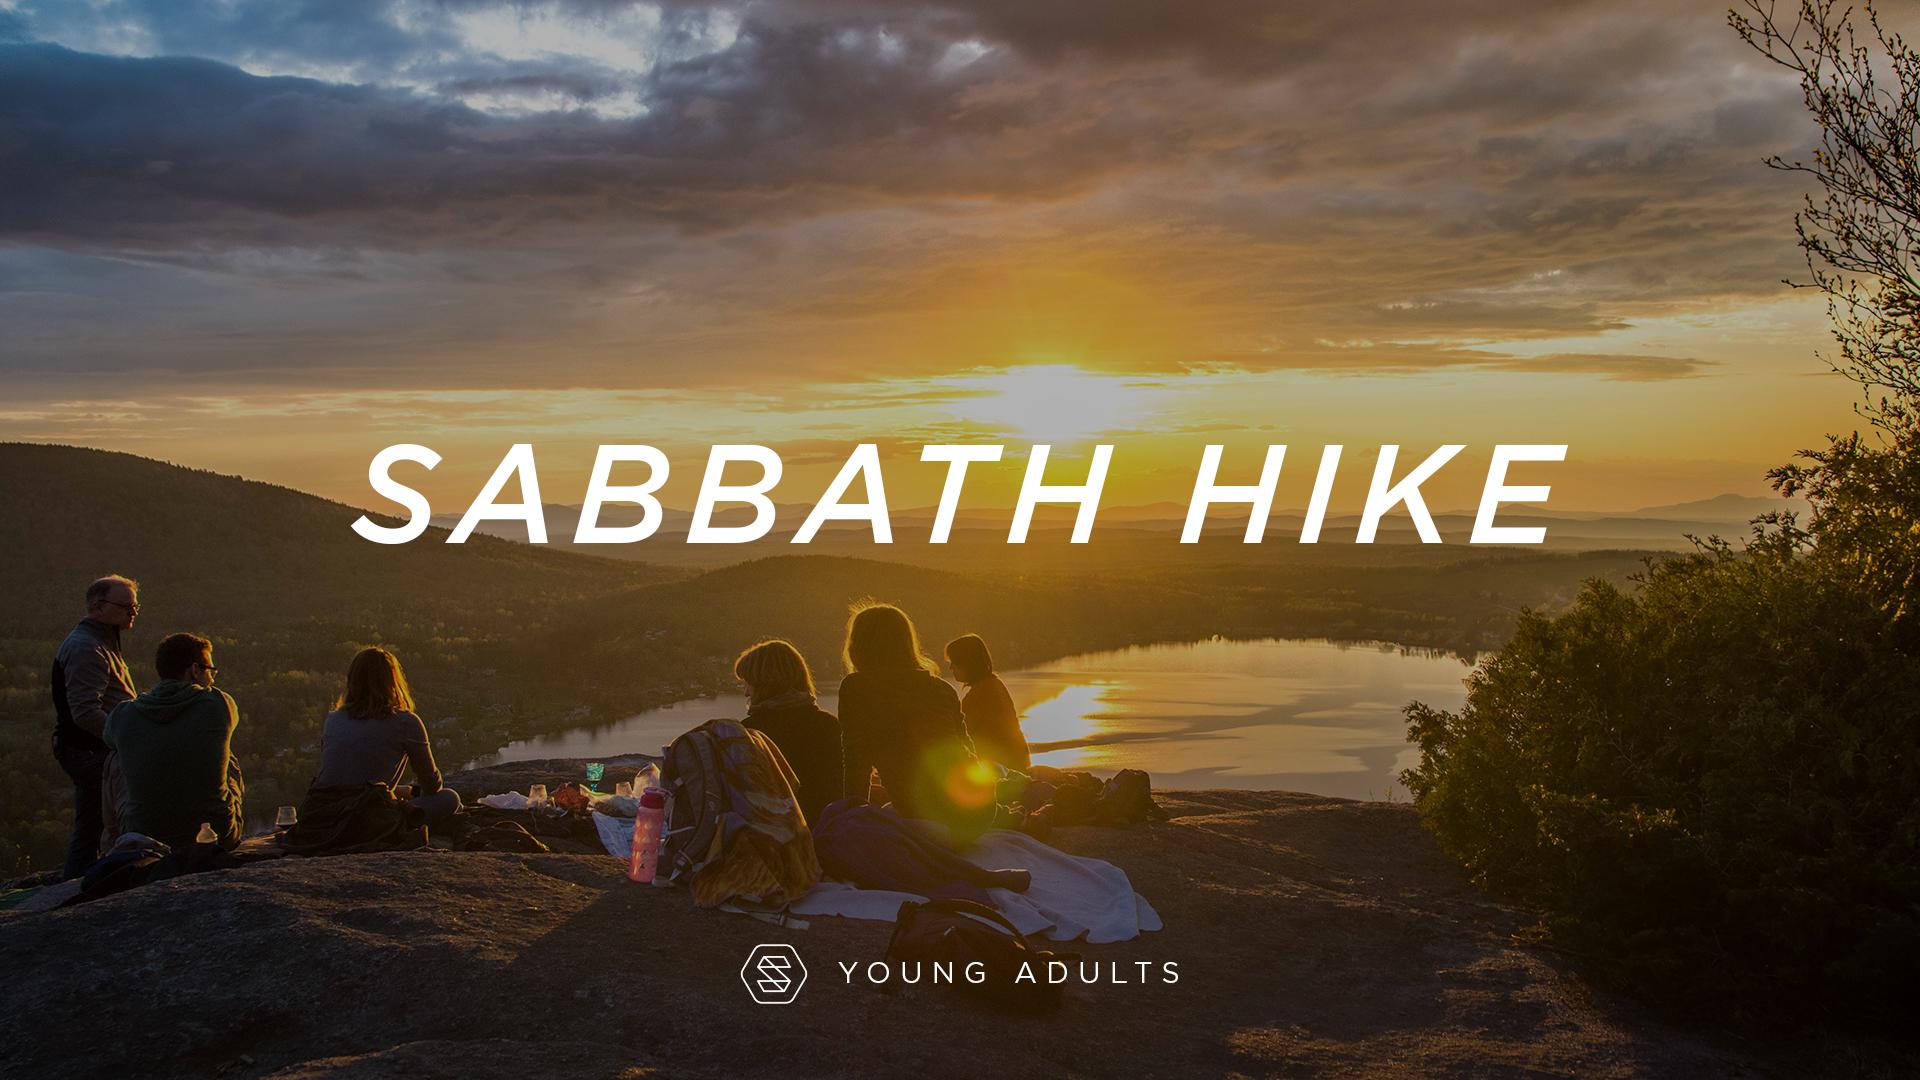 sabbath-hike.jpg